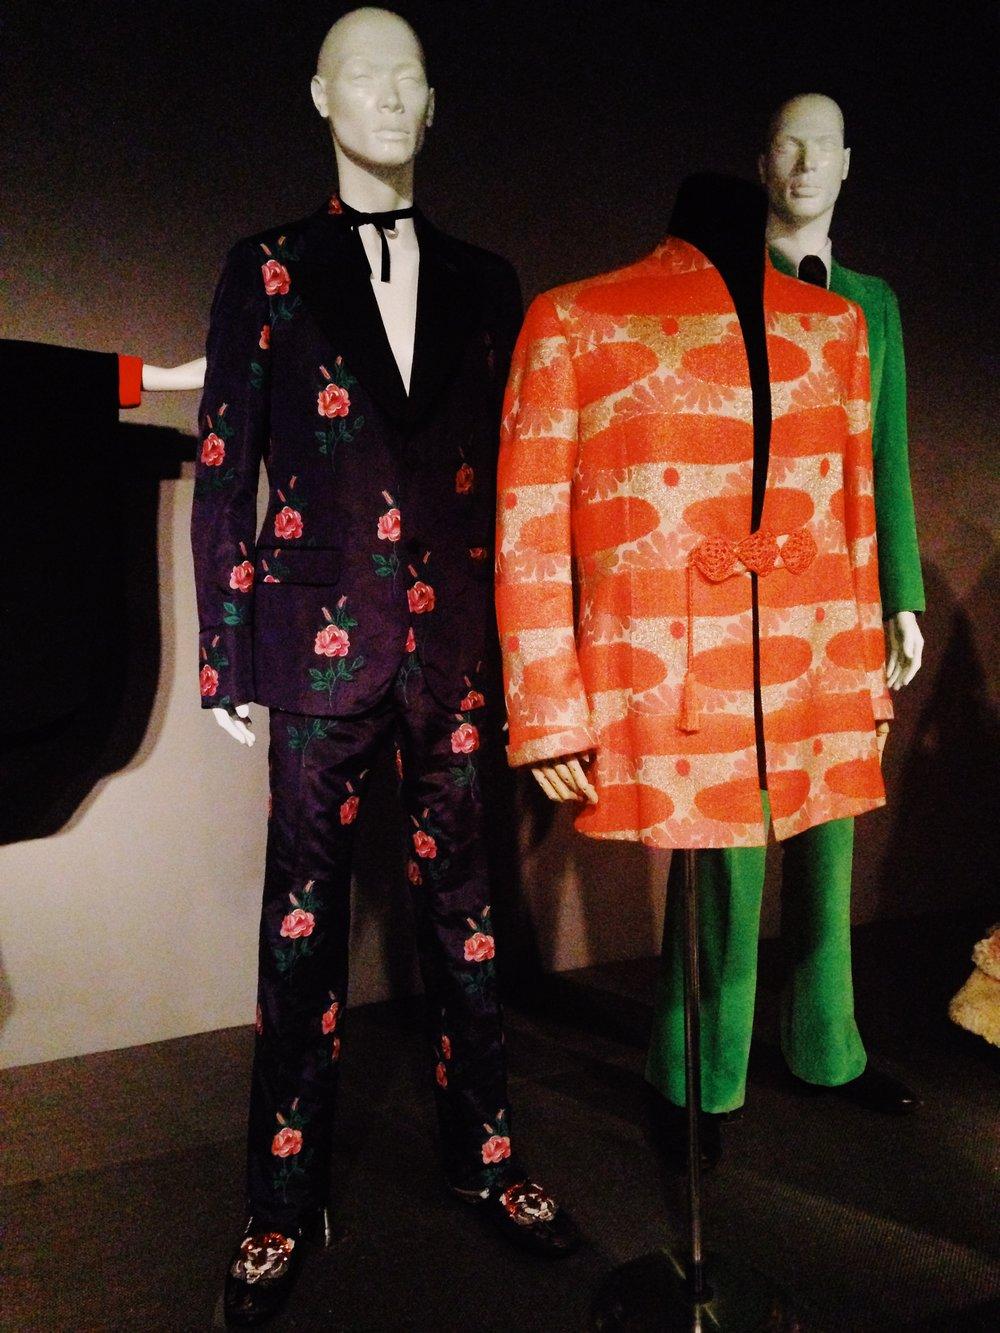 Gucci Floral Menswear Suit